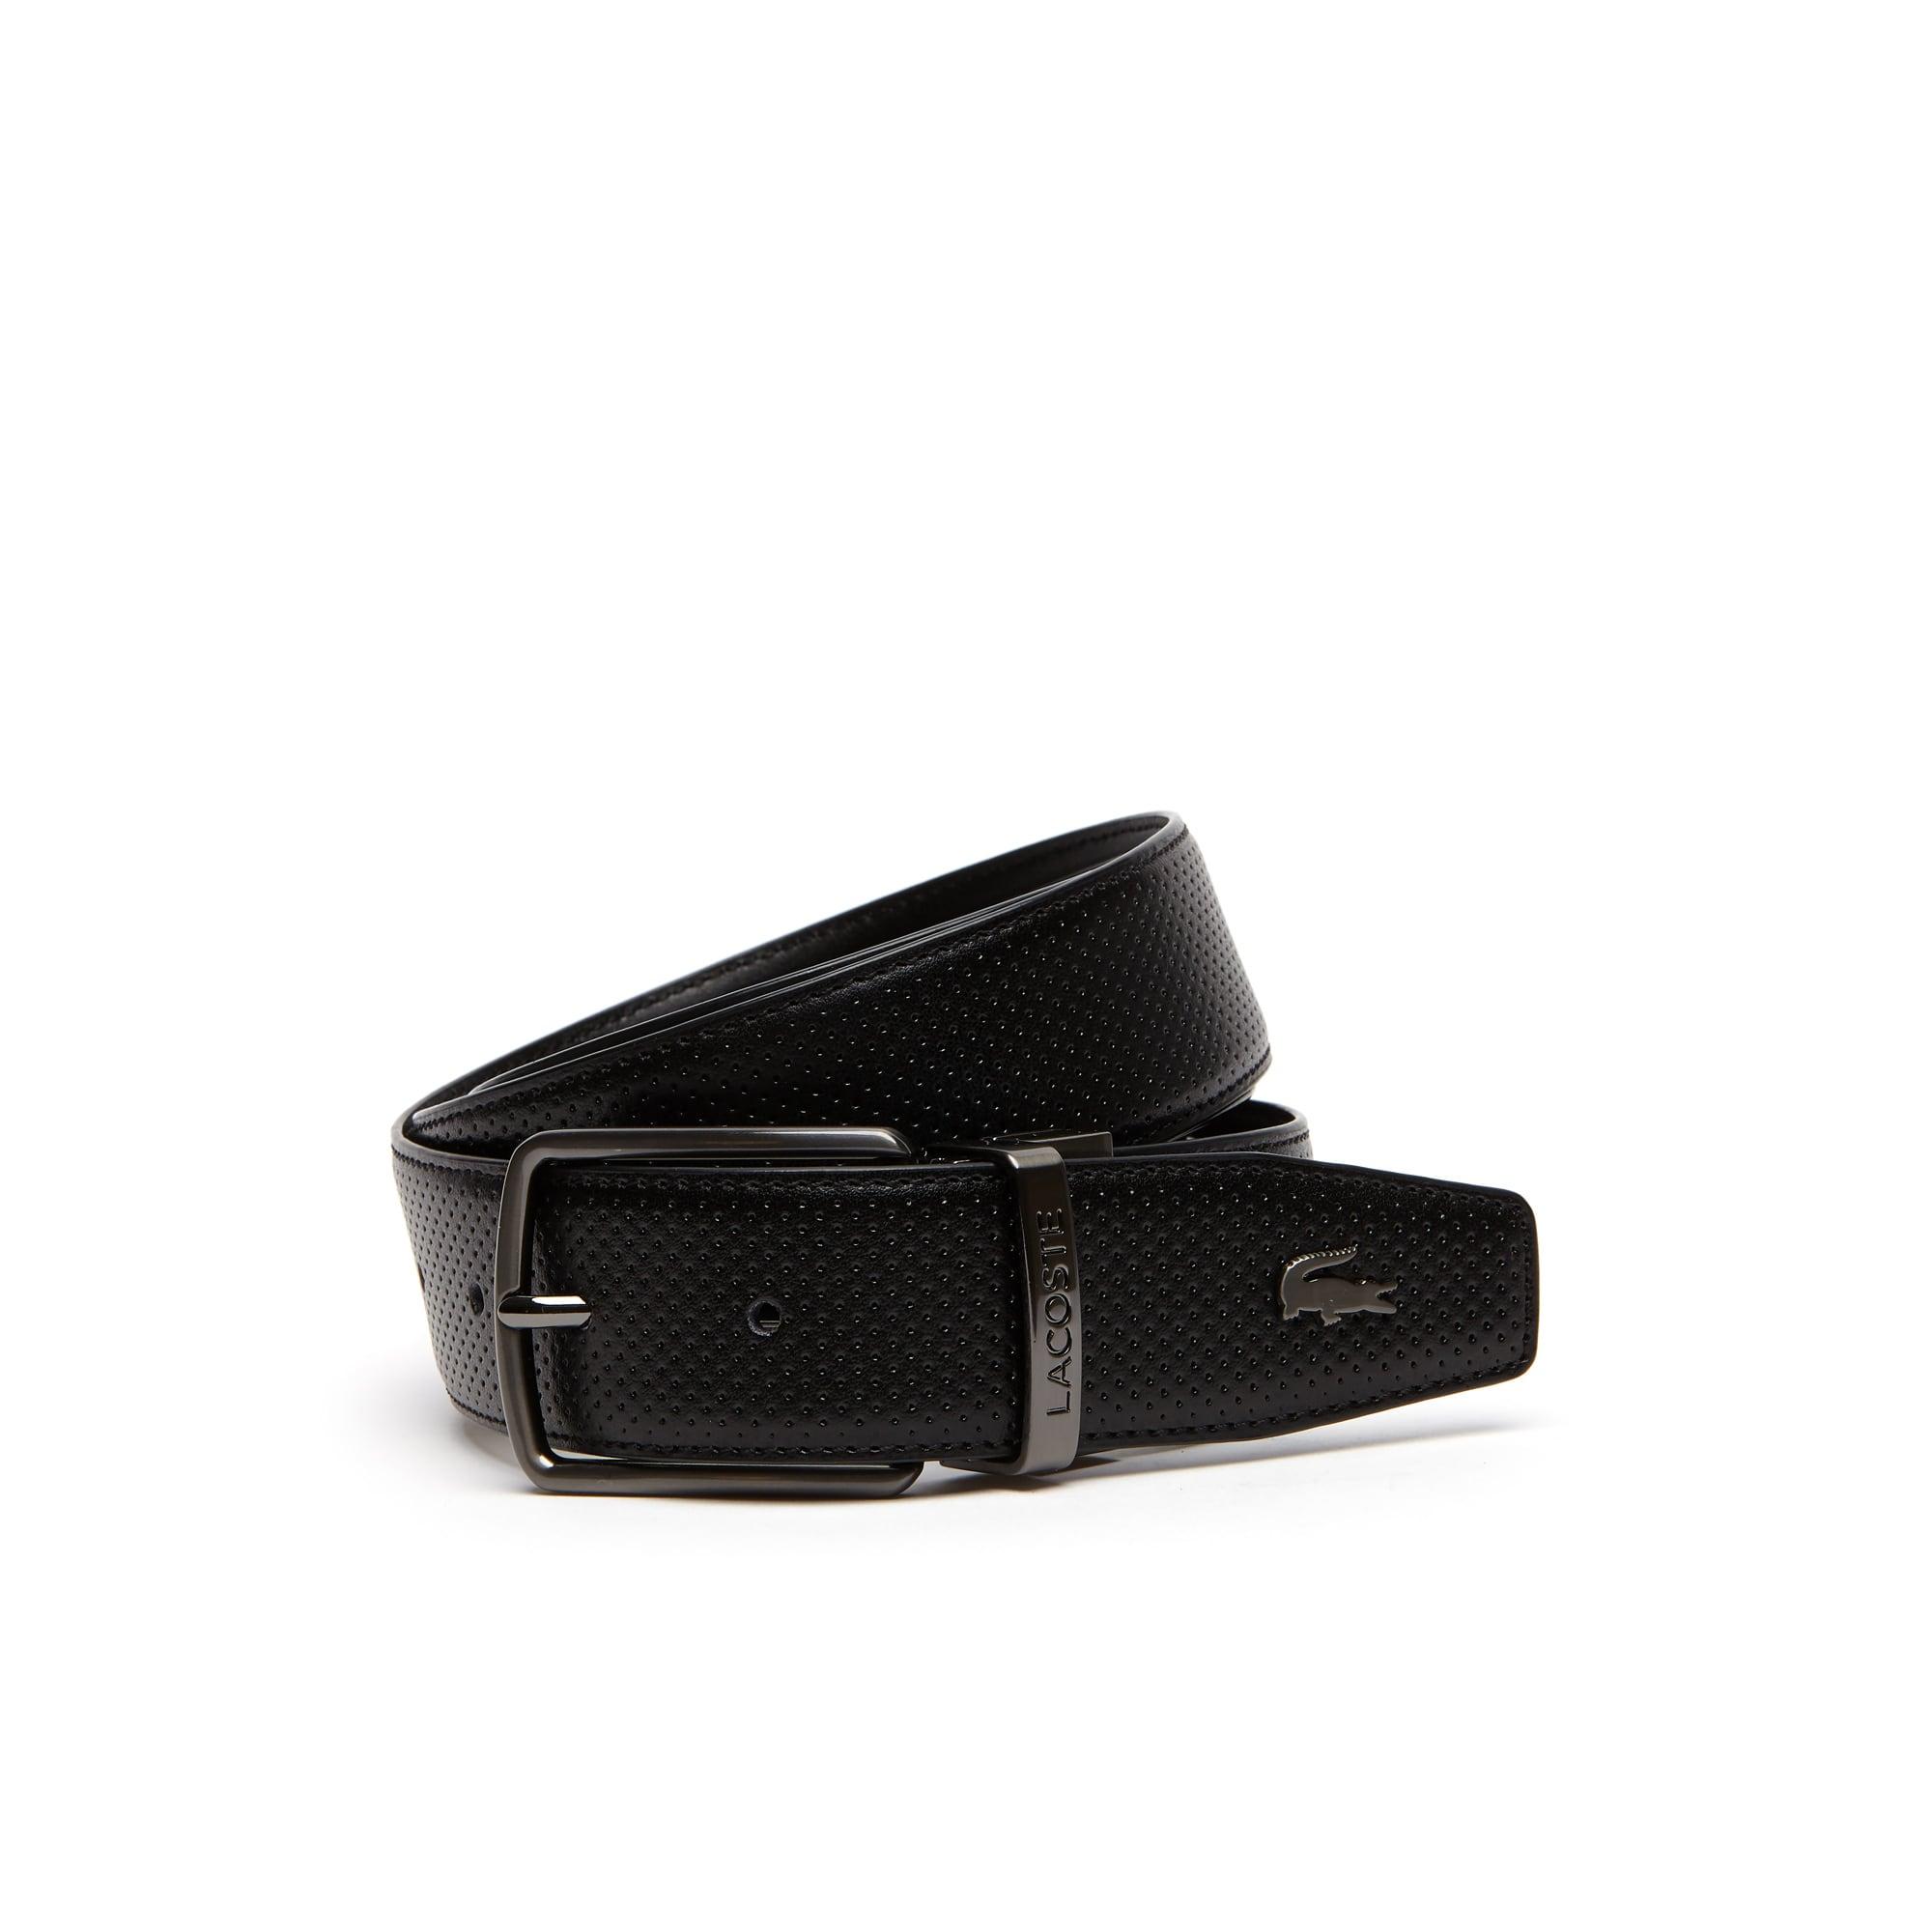 Cintura reversibile in pelle traforata con fibbia ad ardiglione dotata di incisione Lacoste